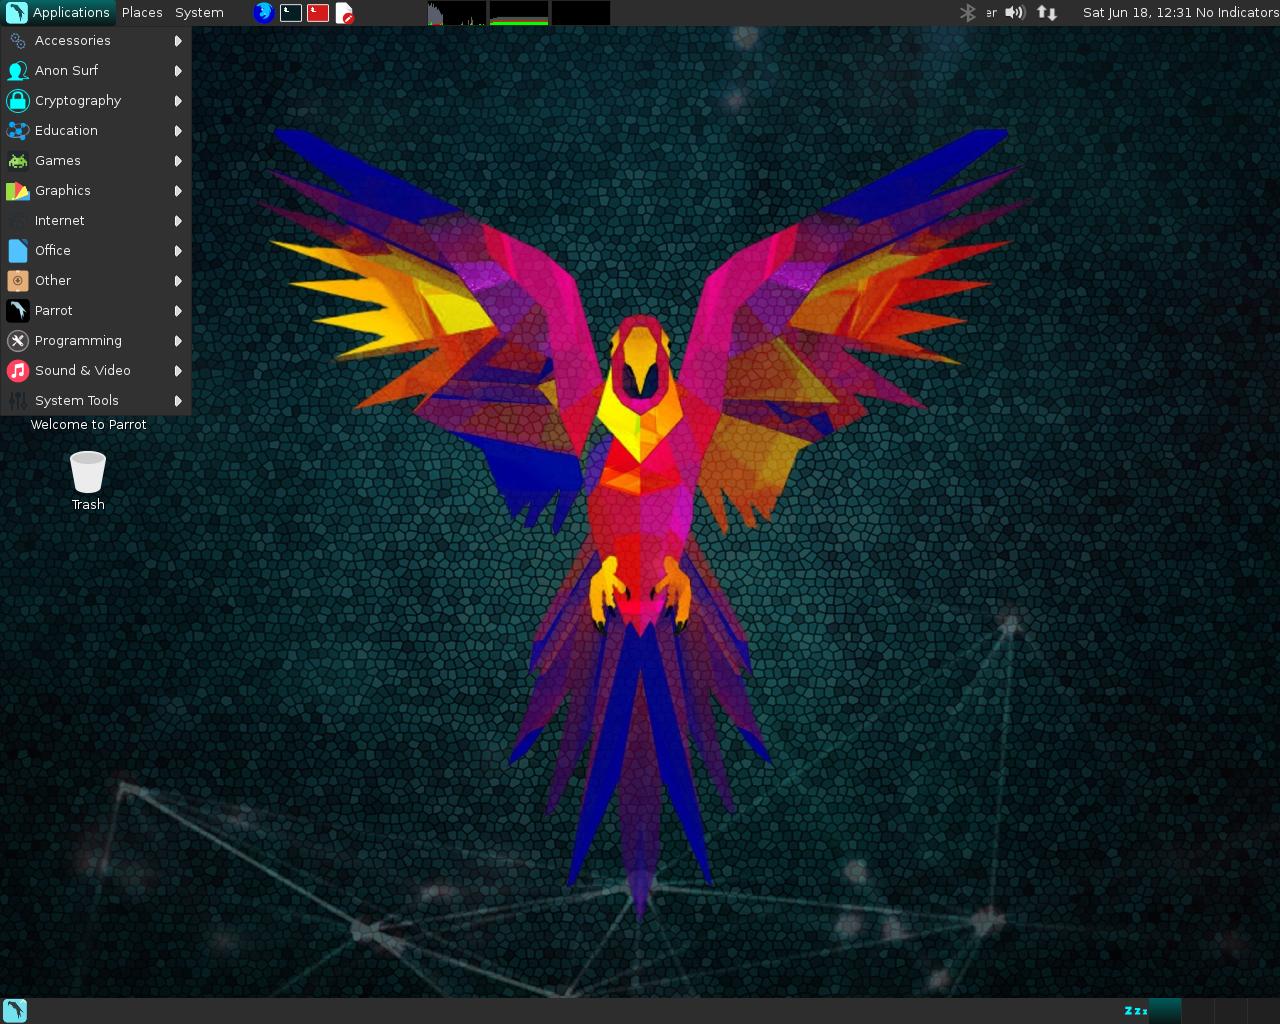 0109-sdt-linux-parrot